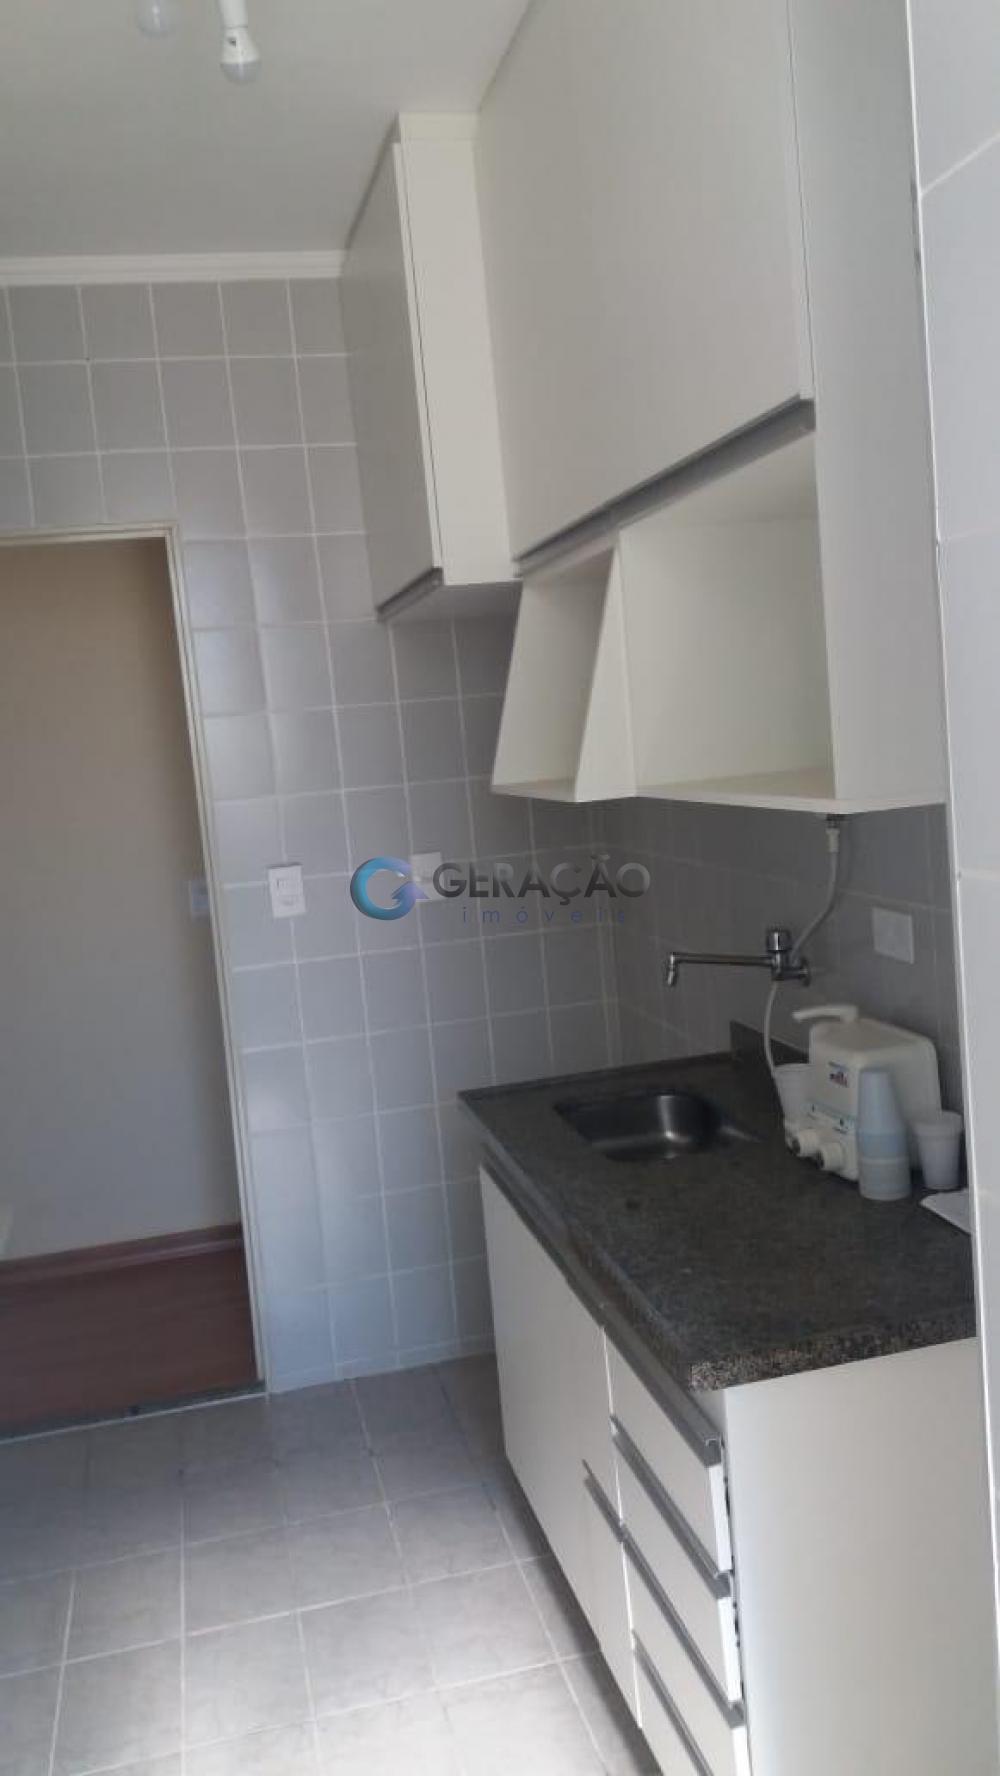 Comprar Apartamento / Padrão em São José dos Campos apenas R$ 260.000,00 - Foto 15